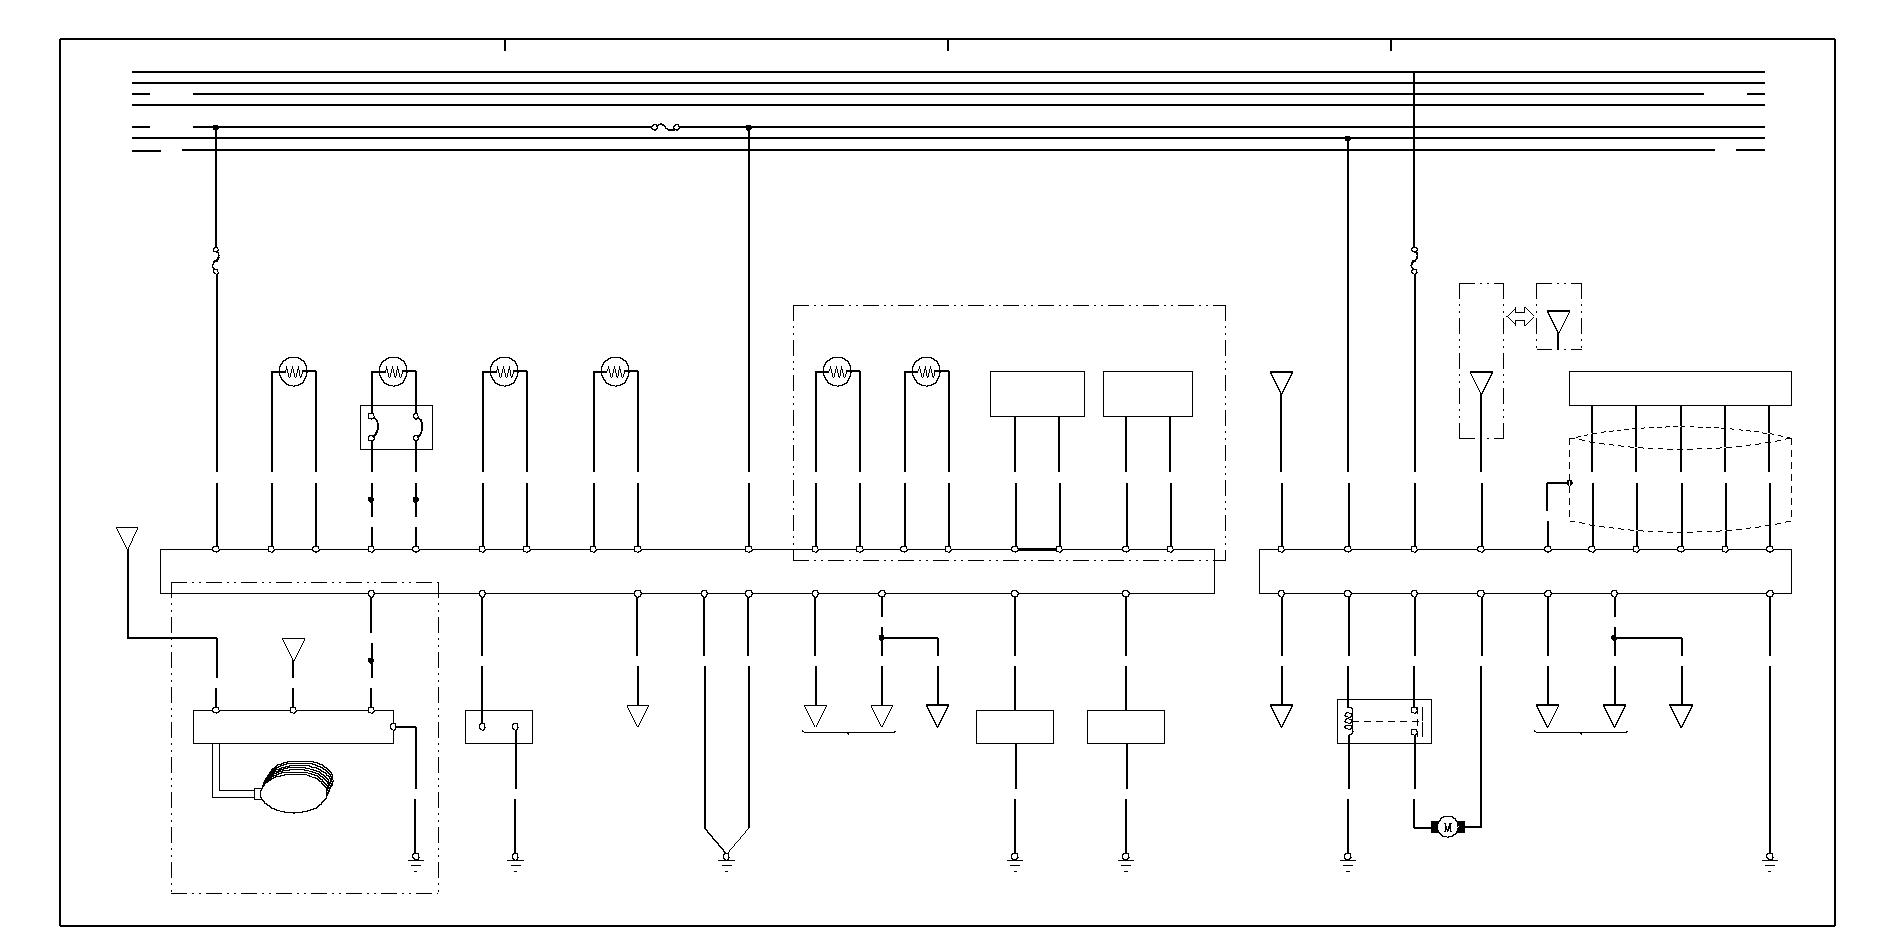 Schön Simplex Schaltuhr Schaltplan Fotos - Der Schaltplan - triangre ...